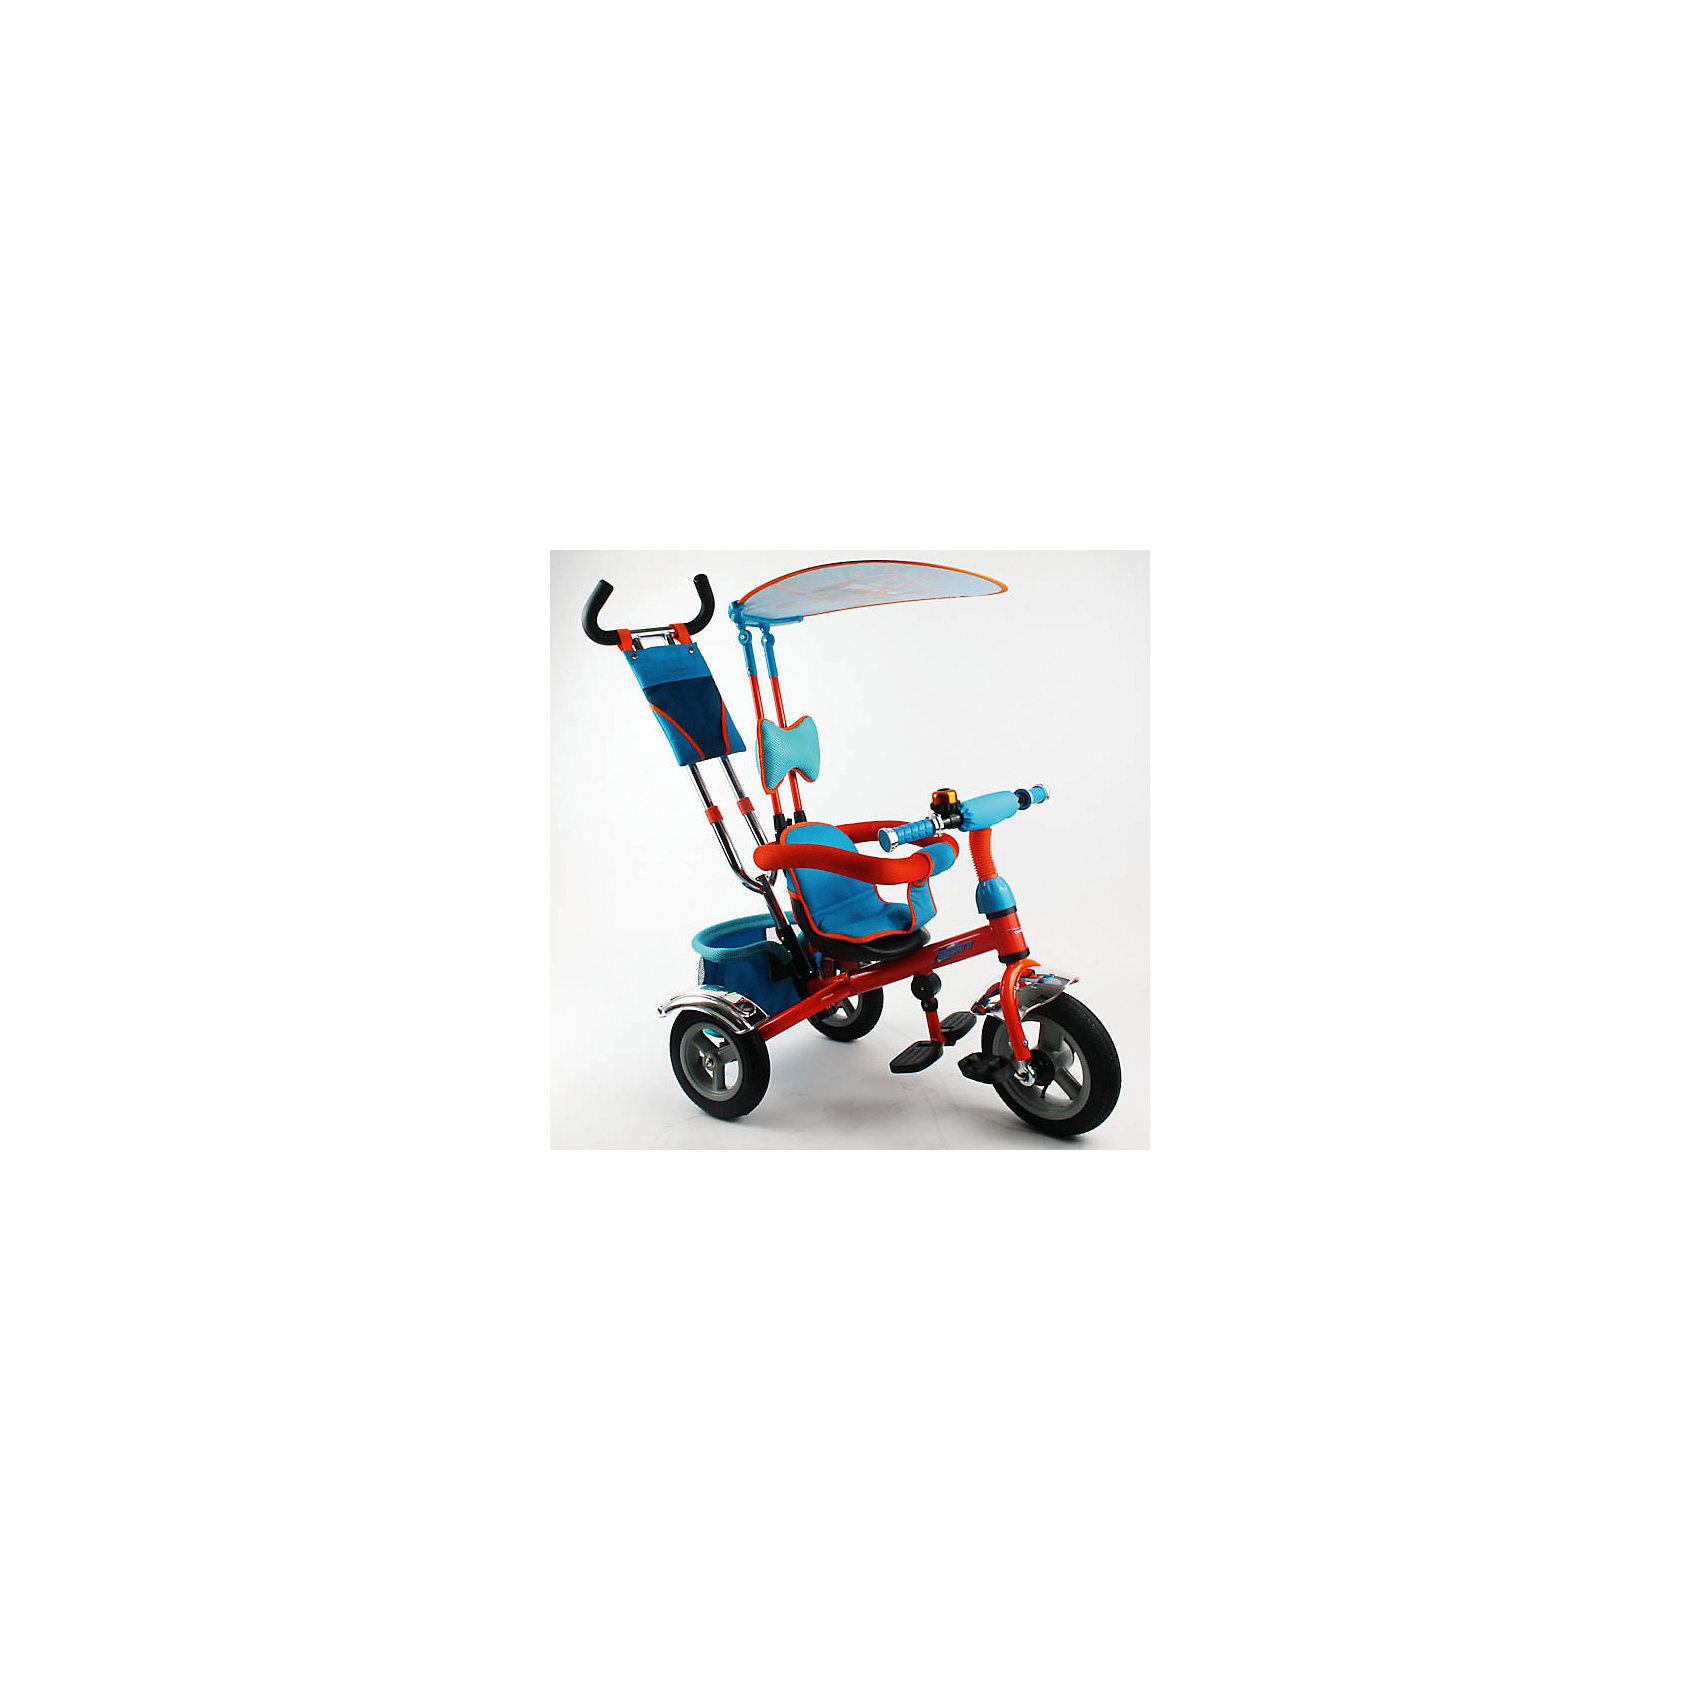 Трехколесный велосипед, Самолеты, DisneyСамолеты<br>Характеристики товара:<br><br>• цвет: голубой, оранжевый<br>• пластиковые надувные колеса<br>• диаметр колес: передние 25 см (10) с функцией свободного хода, задние 20 см (8)<br>• двойная телескопическая родительская ручка с мягкими рукоятками из пористой резины и сумочкой<br>• спинка с регулируемым углом наклона (3 положения) <br>• складная подставкя для ног<br>• складной тент <br>• покрытое мягкой тканью сидение с двухточечным ремнем безопасности<br>• подголовник на спинке<br>• автоматический свободный ход педалей<br>• регулируемая поворотная рычаг-спица<br>• багажная корзина<br>• звонок<br>• вес: 10,9 кг<br>• размер в собранном виде: 108х90х55 см<br>• допустимый вес: до 25 кг<br>• рекомендуемый возраст: от 1 до 3 лет<br>• габариты упаковки: 38х30х63 см<br>• страна производства: Китай<br><br>Детский трехколесный велосипед Disney Planes можно купить в нашем магазине.<br><br>Ширина мм: 1150<br>Глубина мм: 470<br>Высота мм: 970<br>Вес г: 10900<br>Возраст от месяцев: 12<br>Возраст до месяцев: 36<br>Пол: Унисекс<br>Возраст: Детский<br>SKU: 5526372